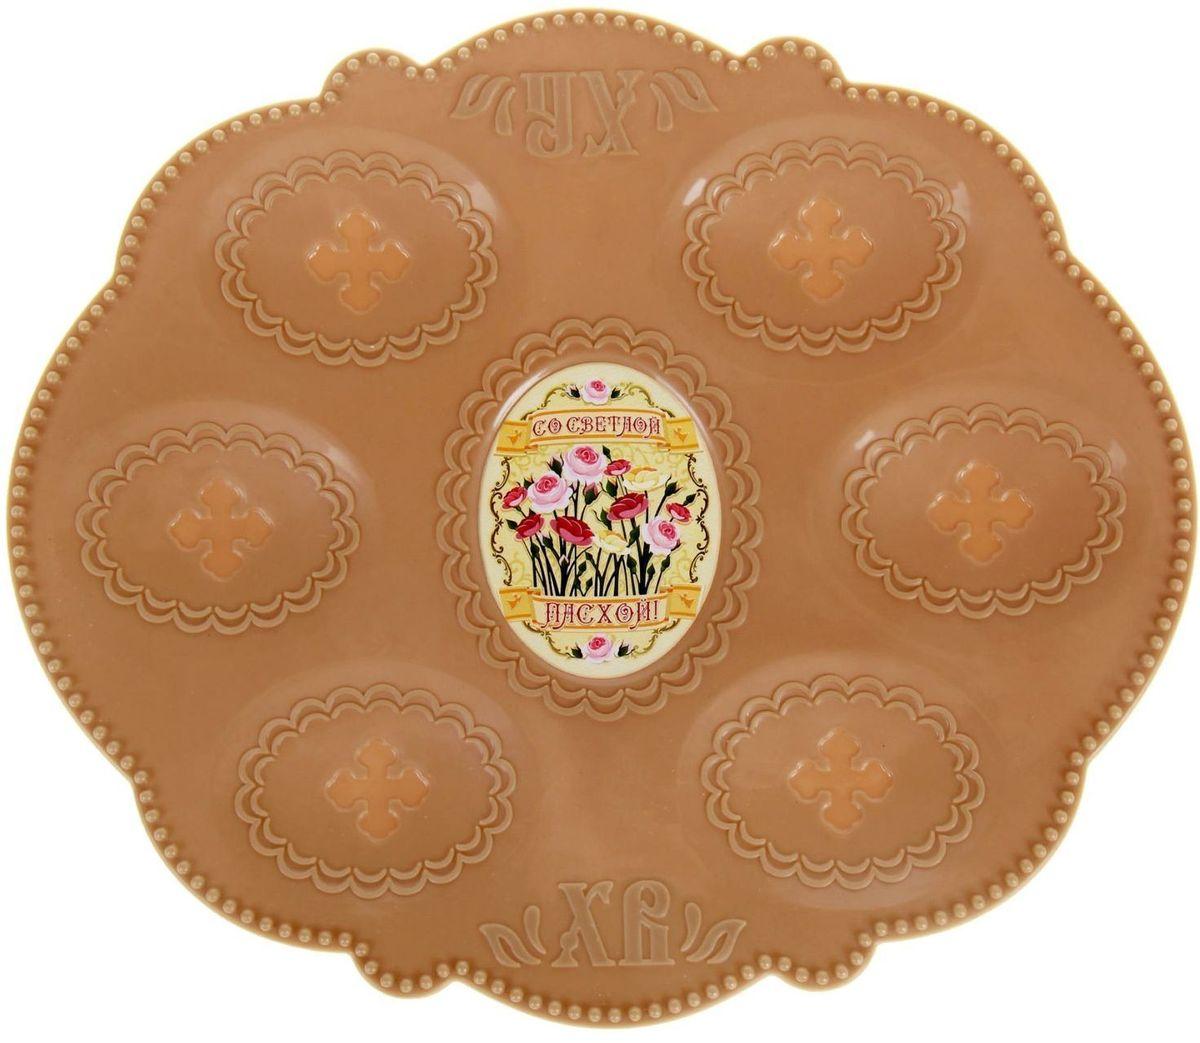 Подставка пасхальная Розы, для 6 яиц, 21 х 18 см. 10025971002597Пасхальная подставка для 6 яиц изготовлена из качественного пластика, в центре имеется яркая вставка. Аксессуар станет достойным украшением праздничного стола, создаст радостное настроение и наполнит пространство вашего дома благостной энергией на весь год вперёд. Подставка будет ценным памятным подарком для родных, друзей и коллег. Радости, добра и света вам и вашим близким!